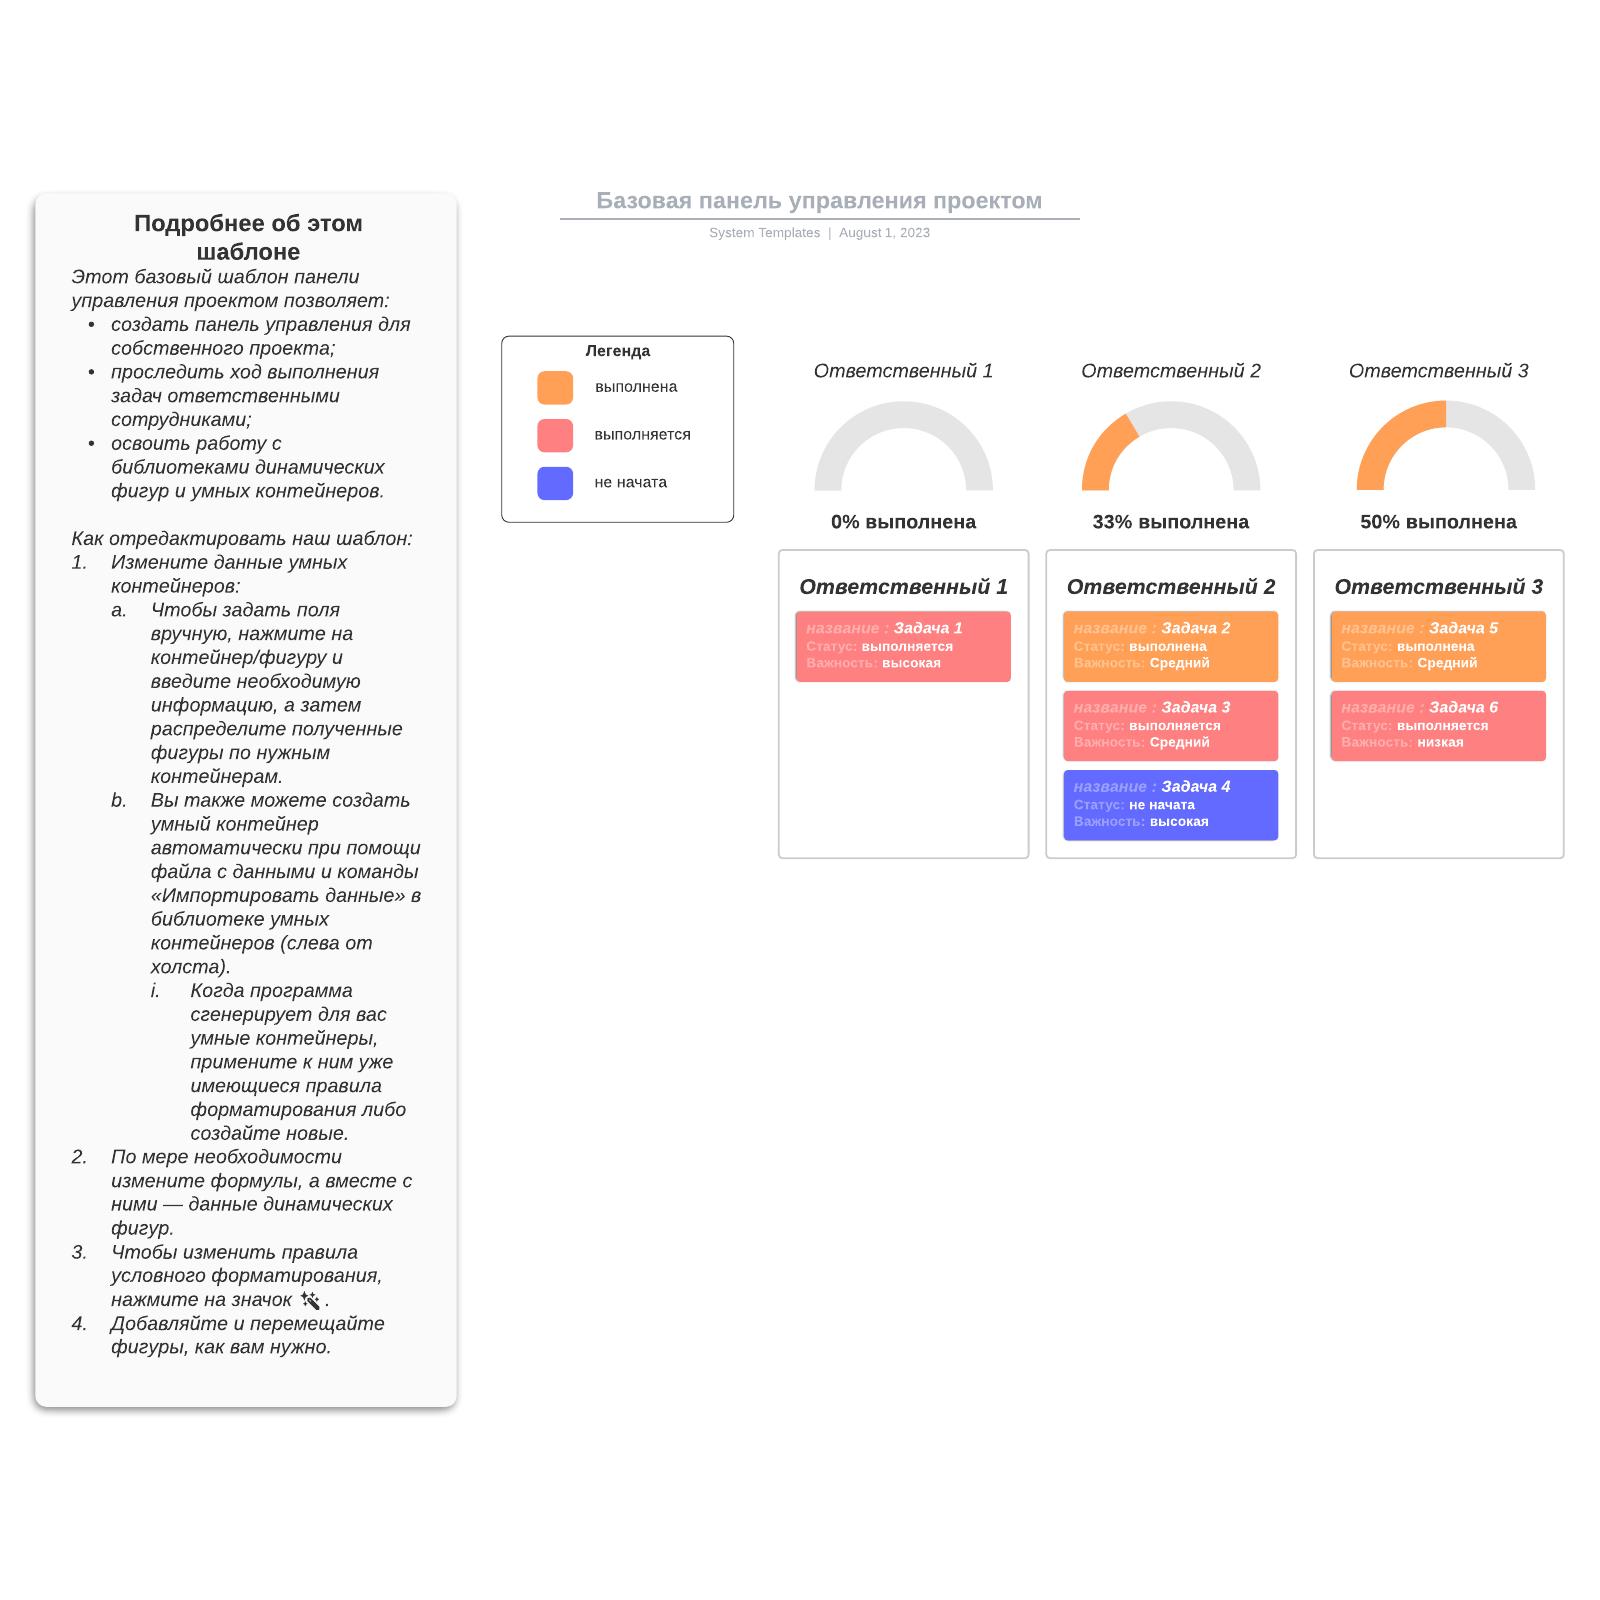 Базовая панель управления проектом